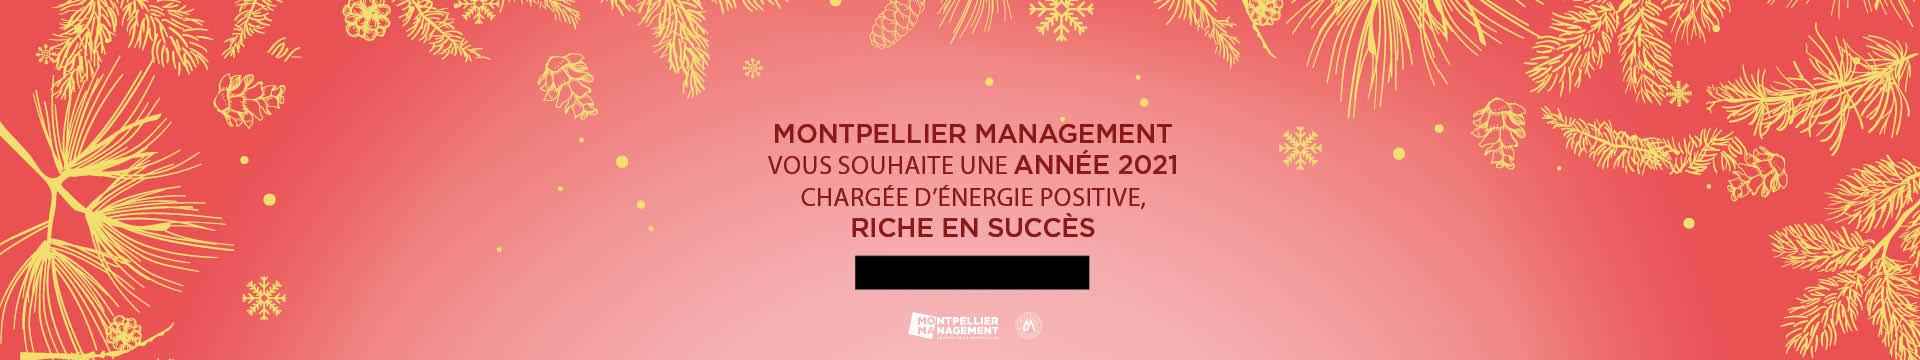 Voeux 2021 - Montpellier Management